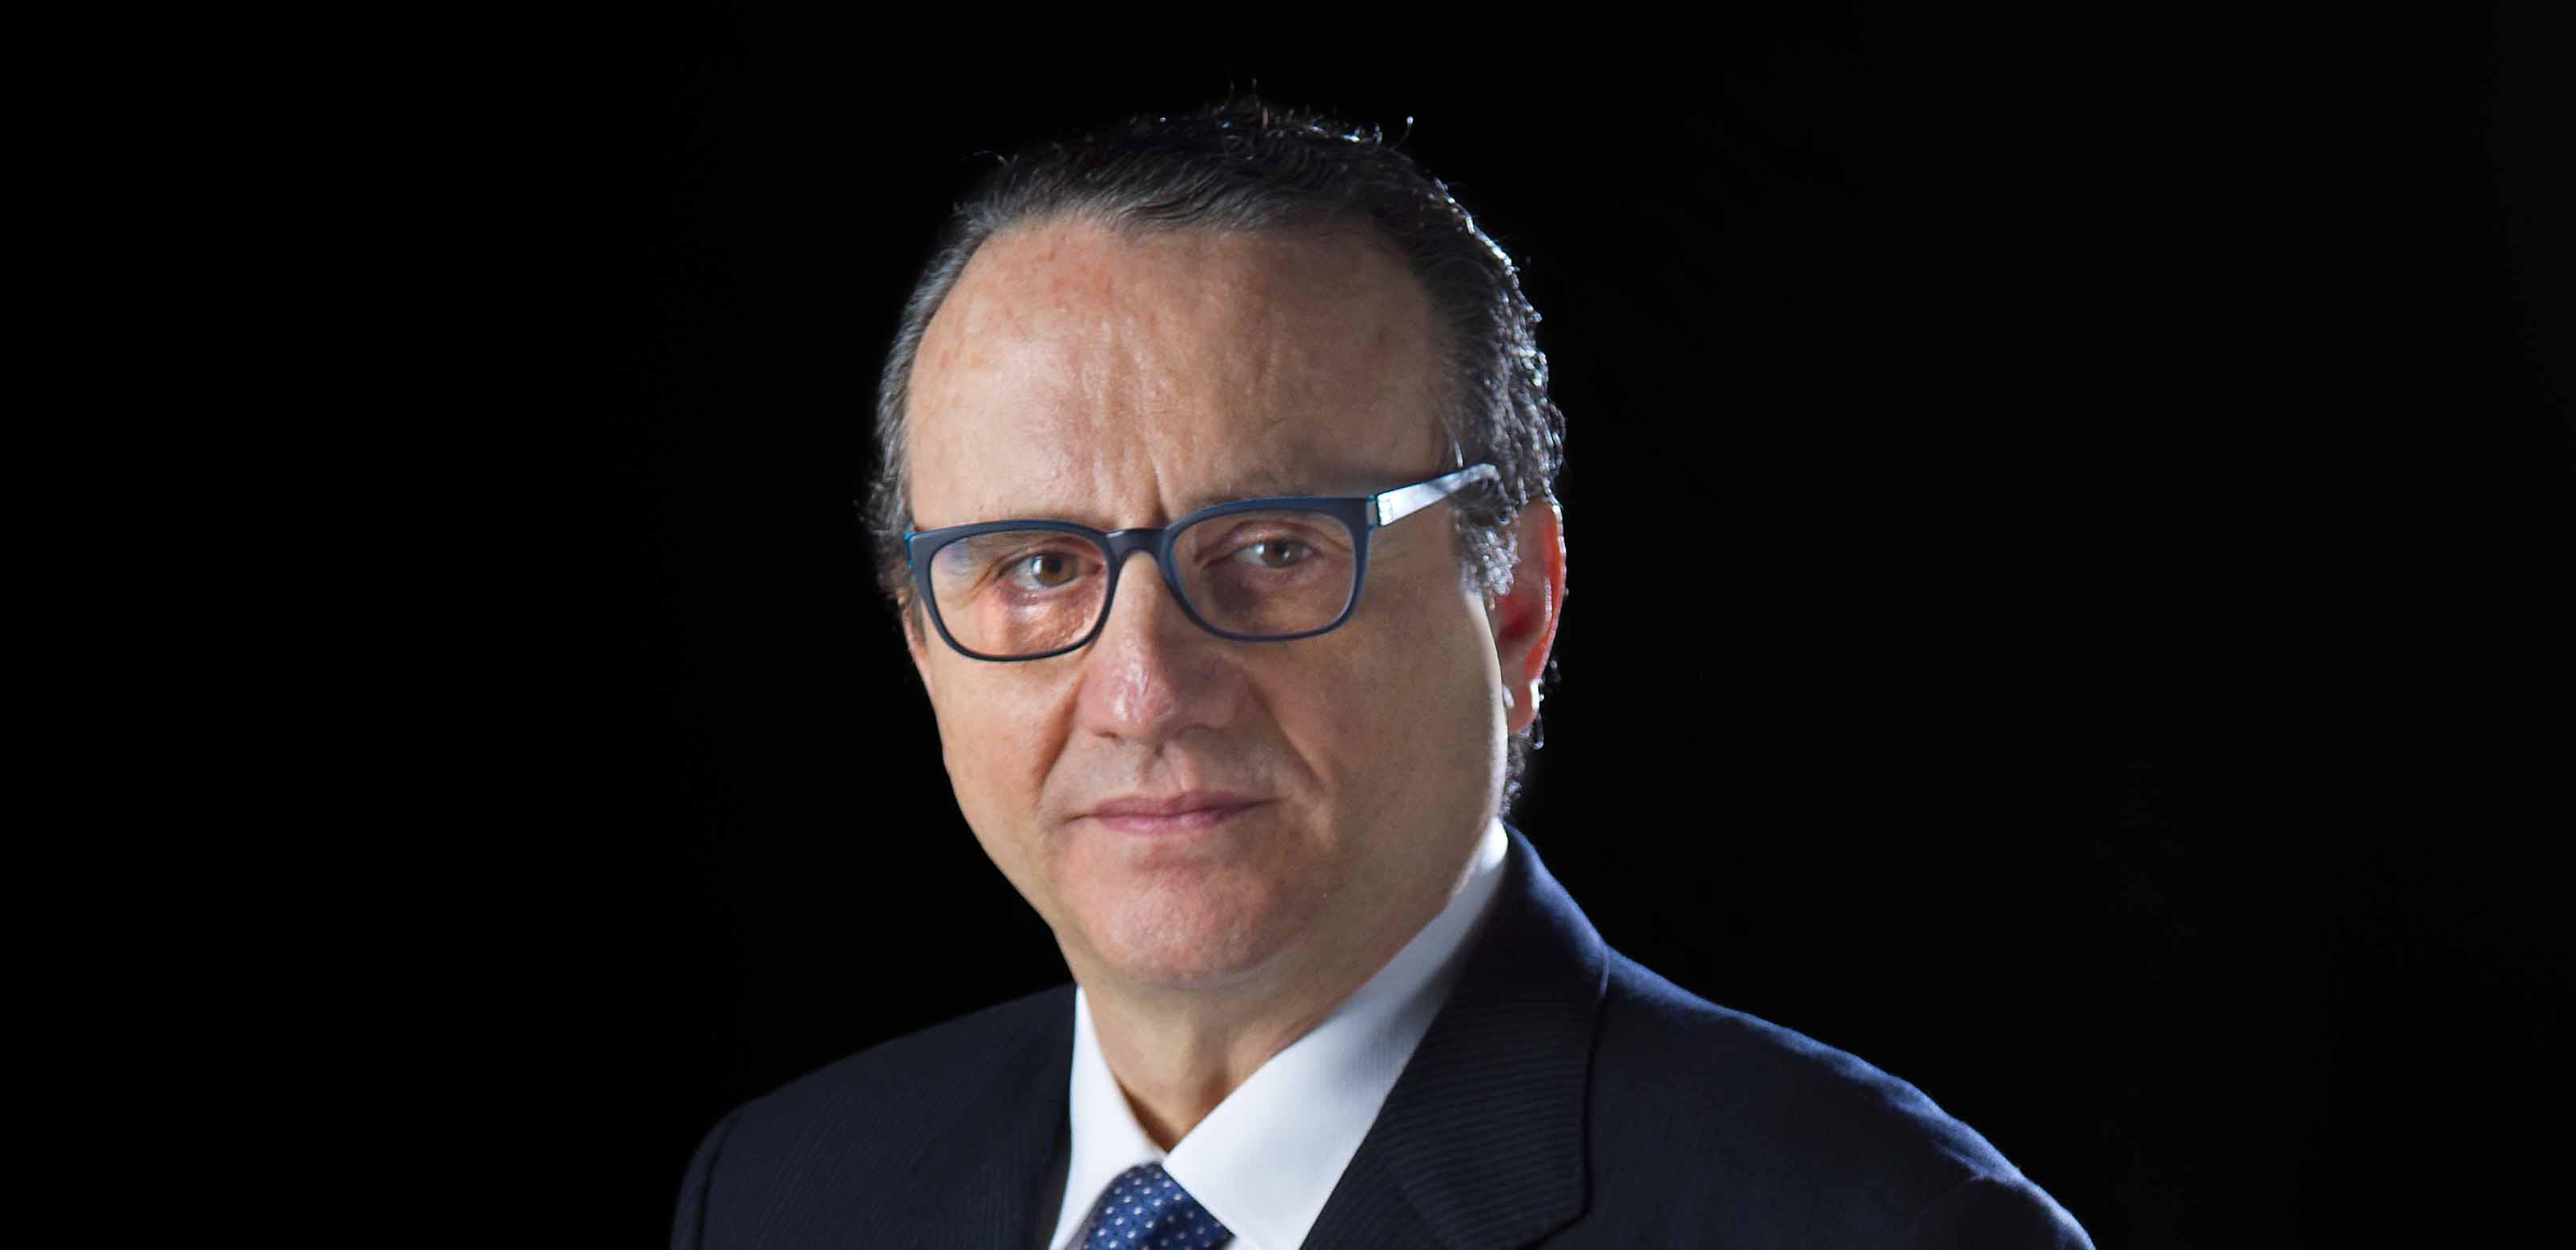 Francisco Javier Moll de Miguel, Prensa Ibérica